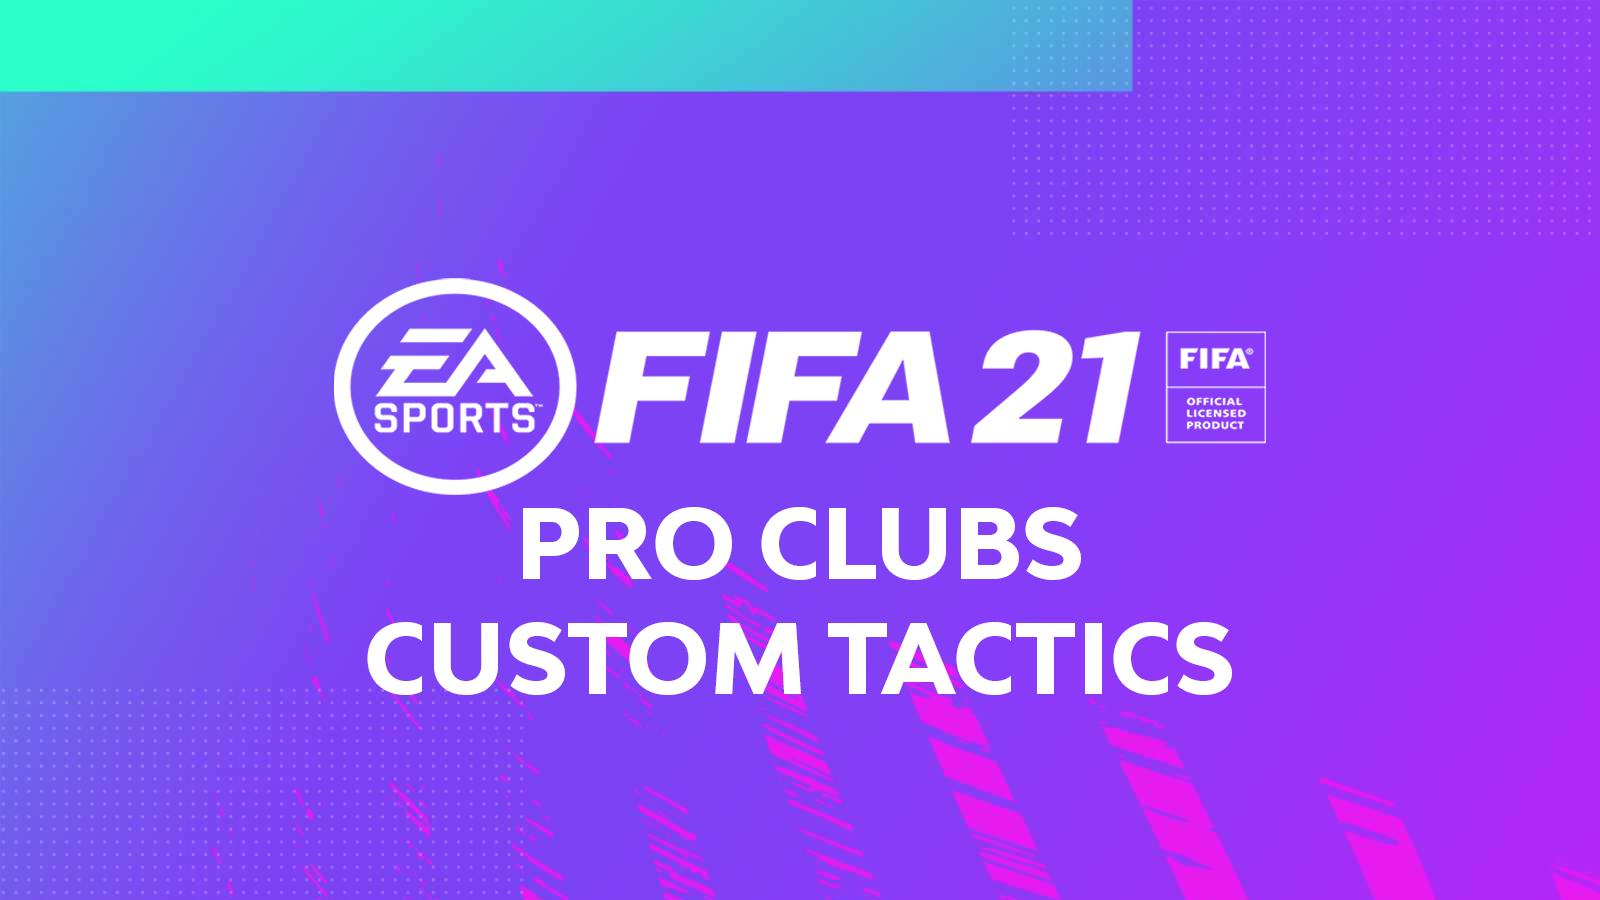 FIFA 21 Pro Clubs Custom Tactics